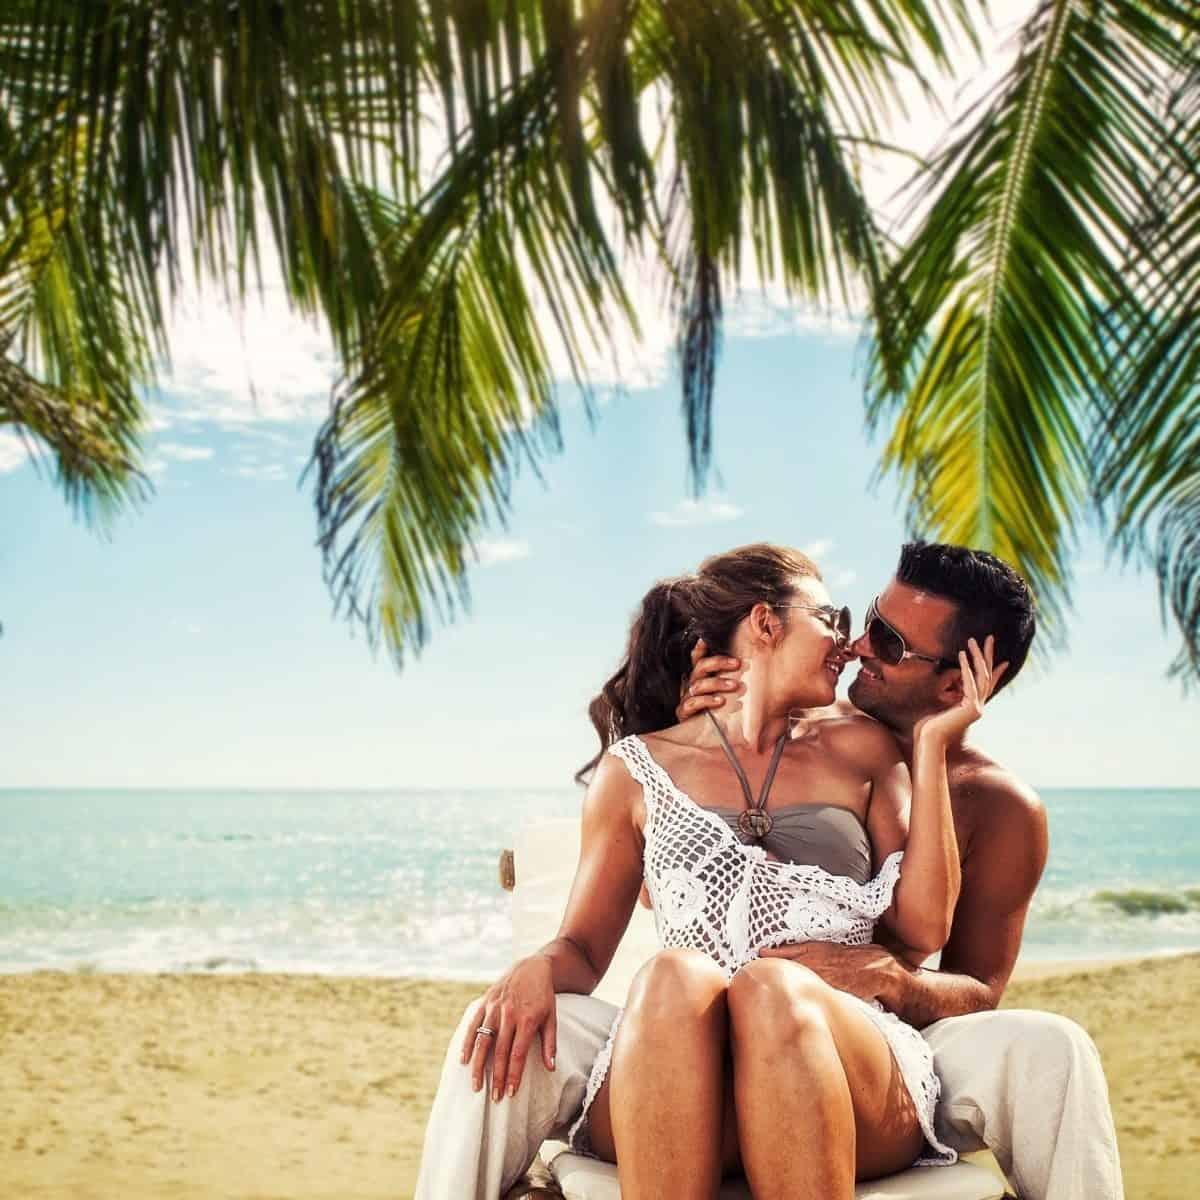 Pareja En Playas Punta Cana Planesturisticos.com - Punta Cana: Desde 4 Días 3 Noches   Con Vuelos + Hoteles 5 Estrellas   2021 - 2022